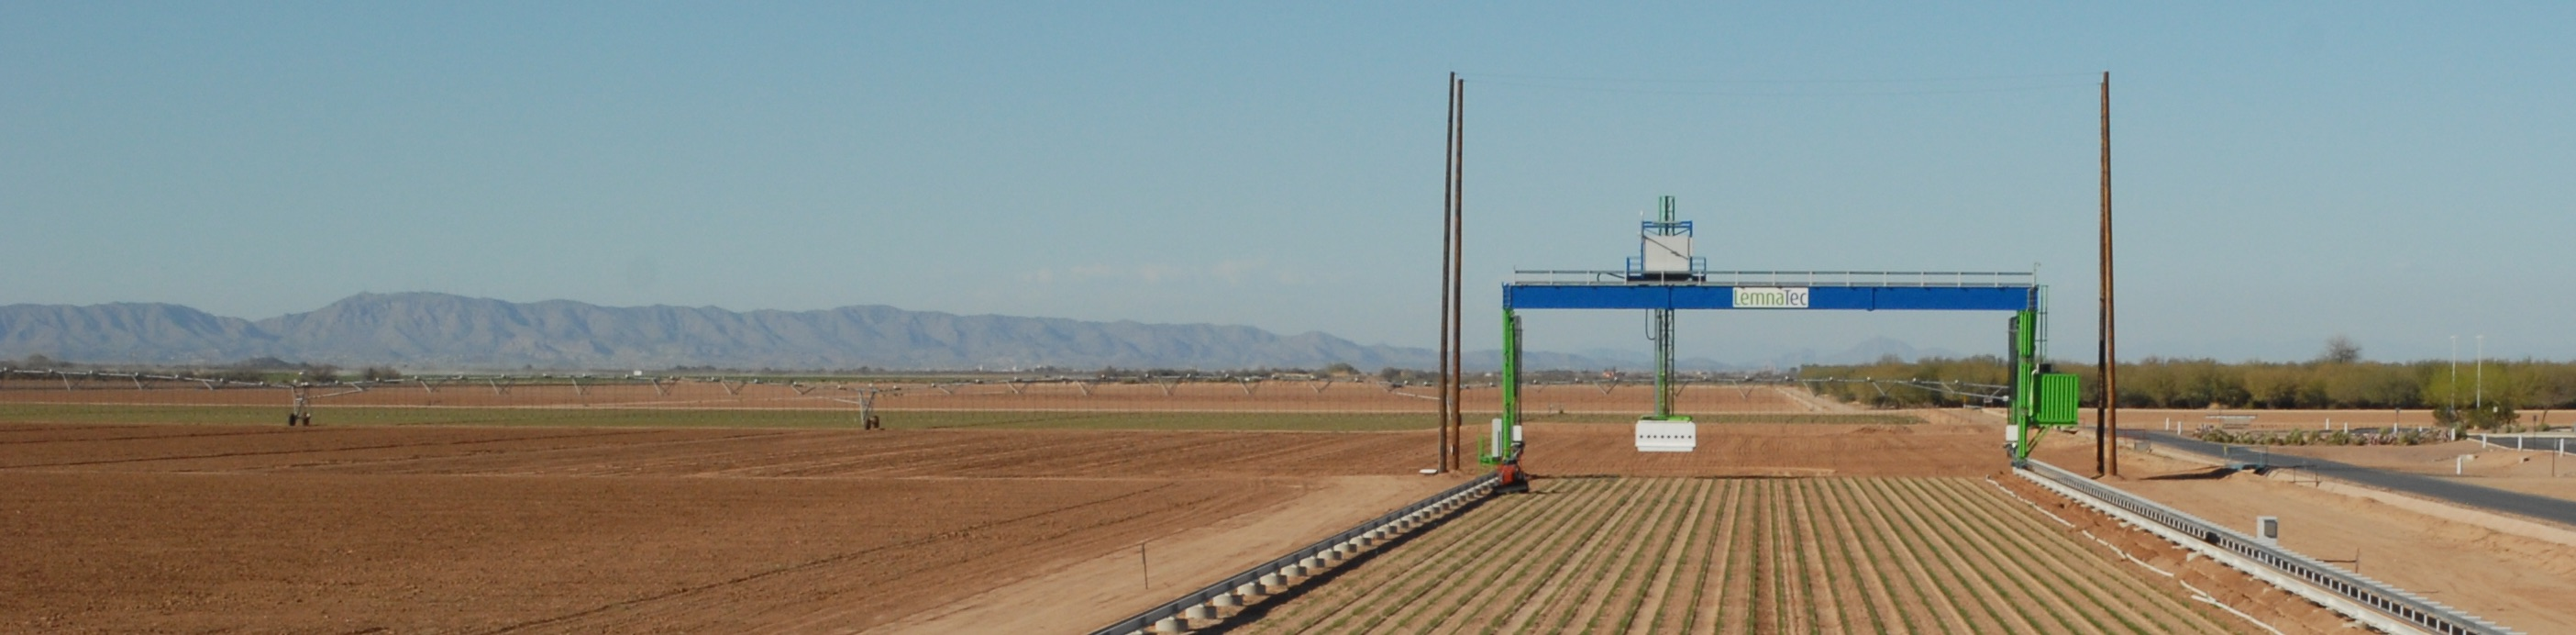 field scanner